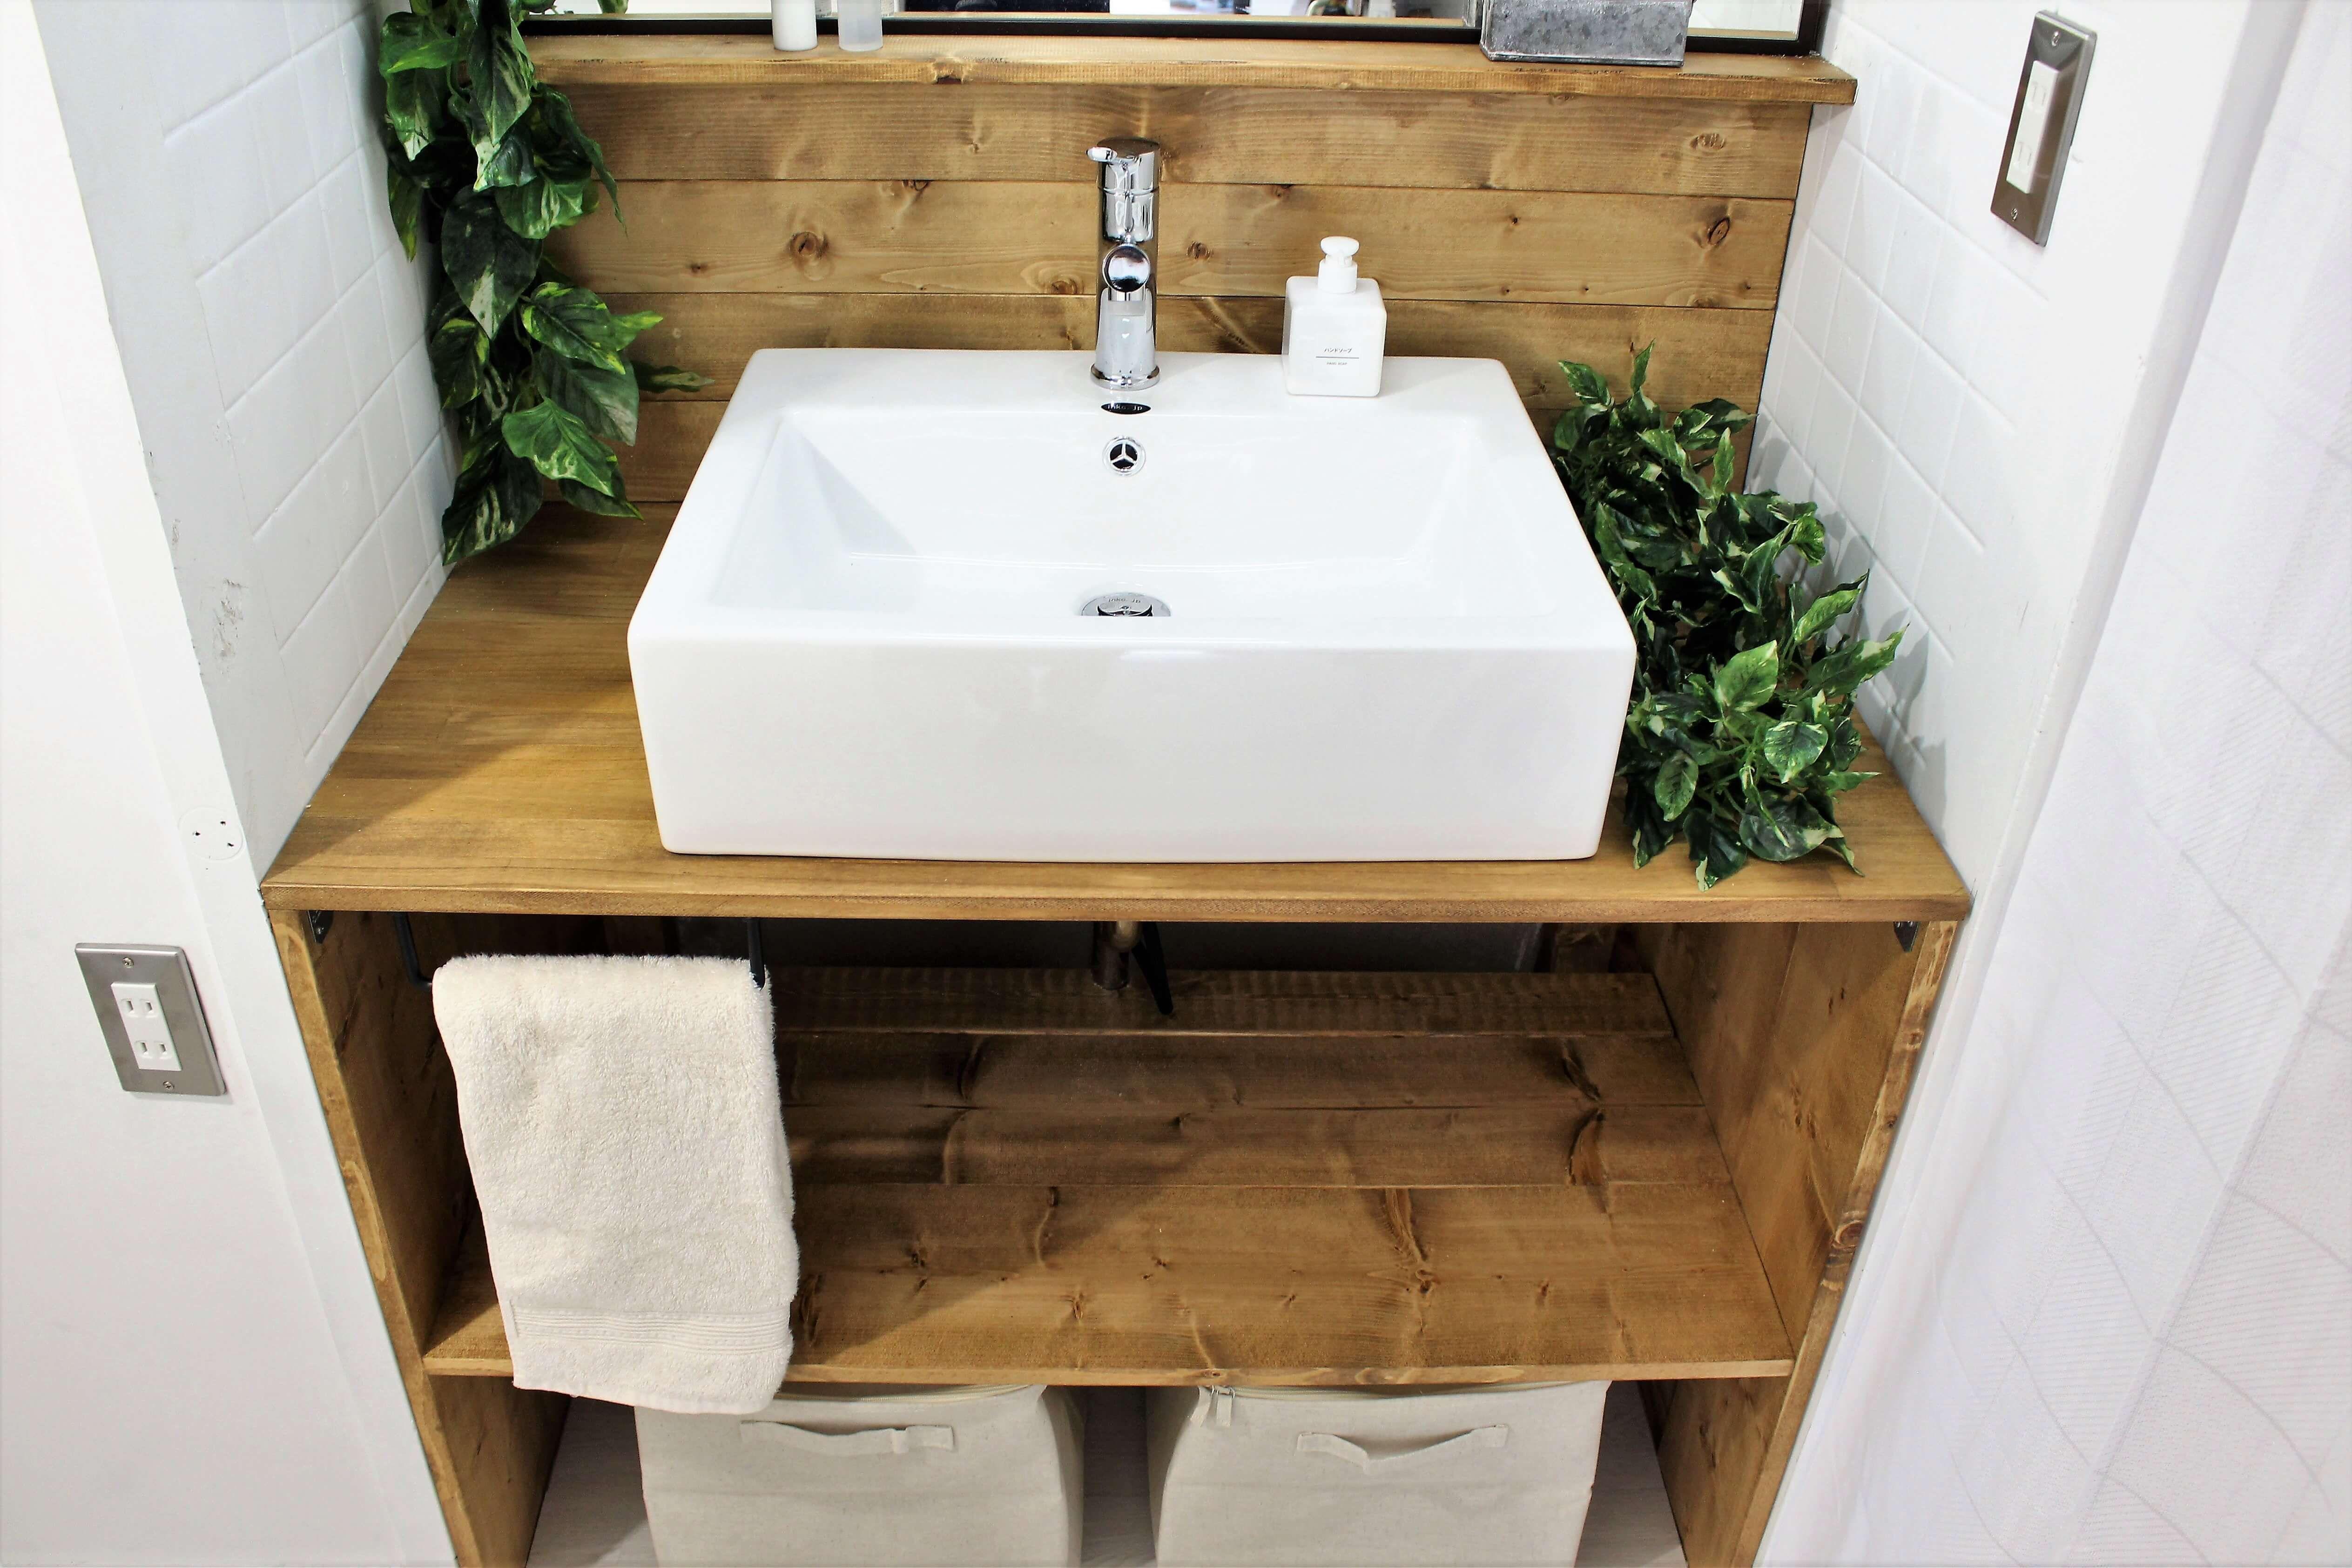 Diyで洗面化粧台を交換 洗面ボウルでおしゃれな洗面台を自作して洗面所をリフォーム 洗面化粧台 洗面台 洗面